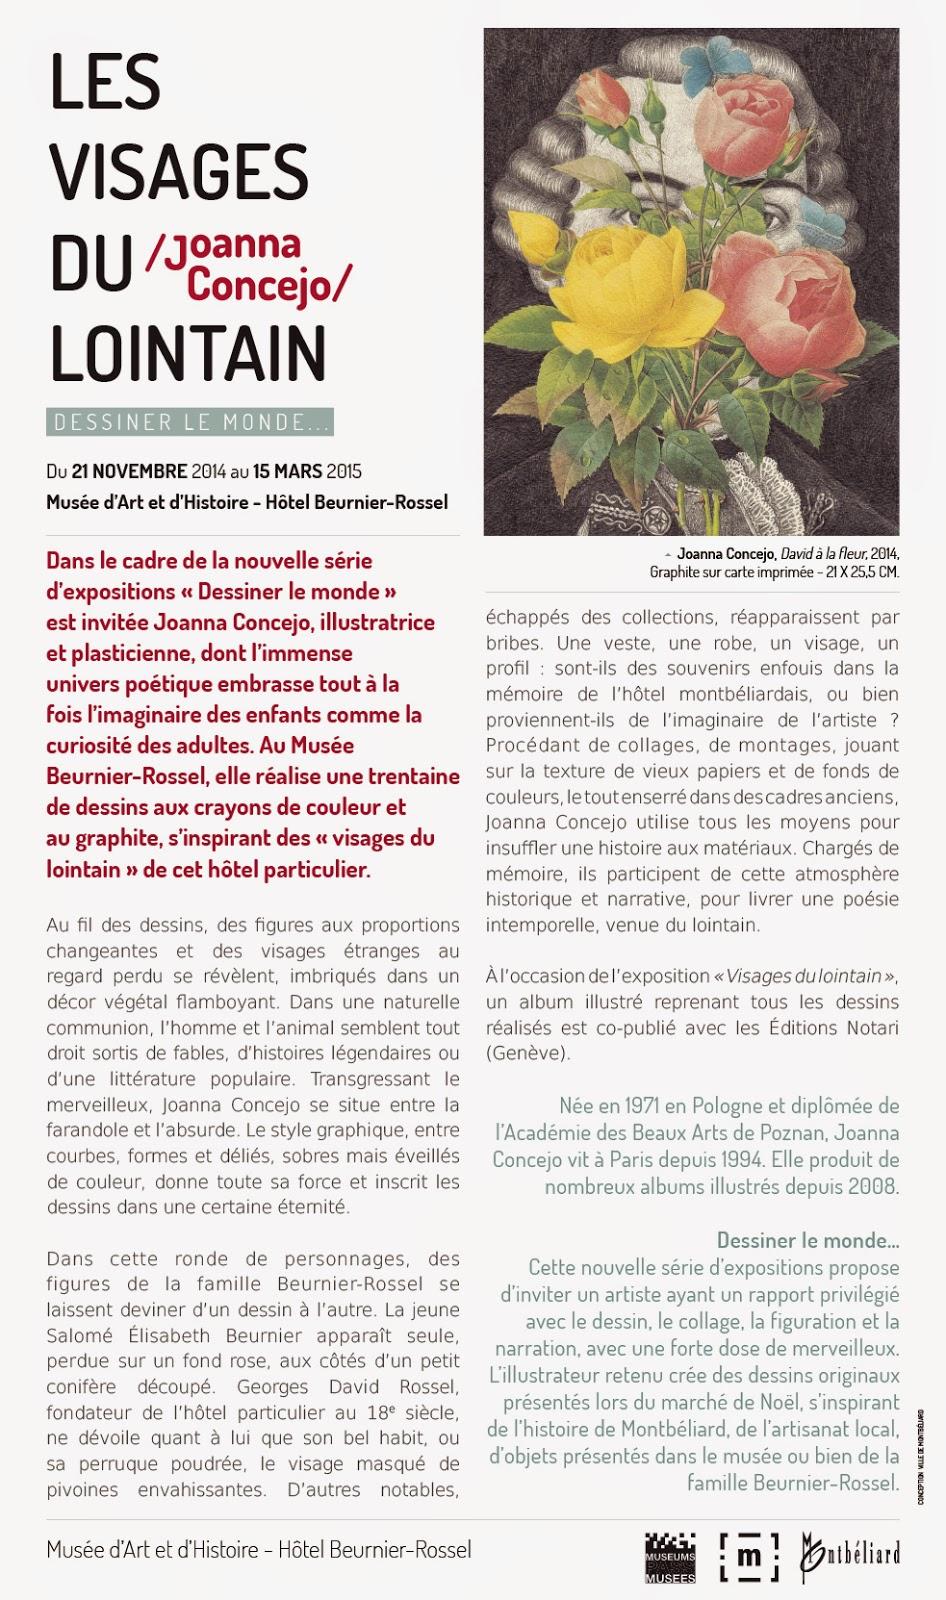 Cours De Dessin Montbéliard joanna concejo: 2014